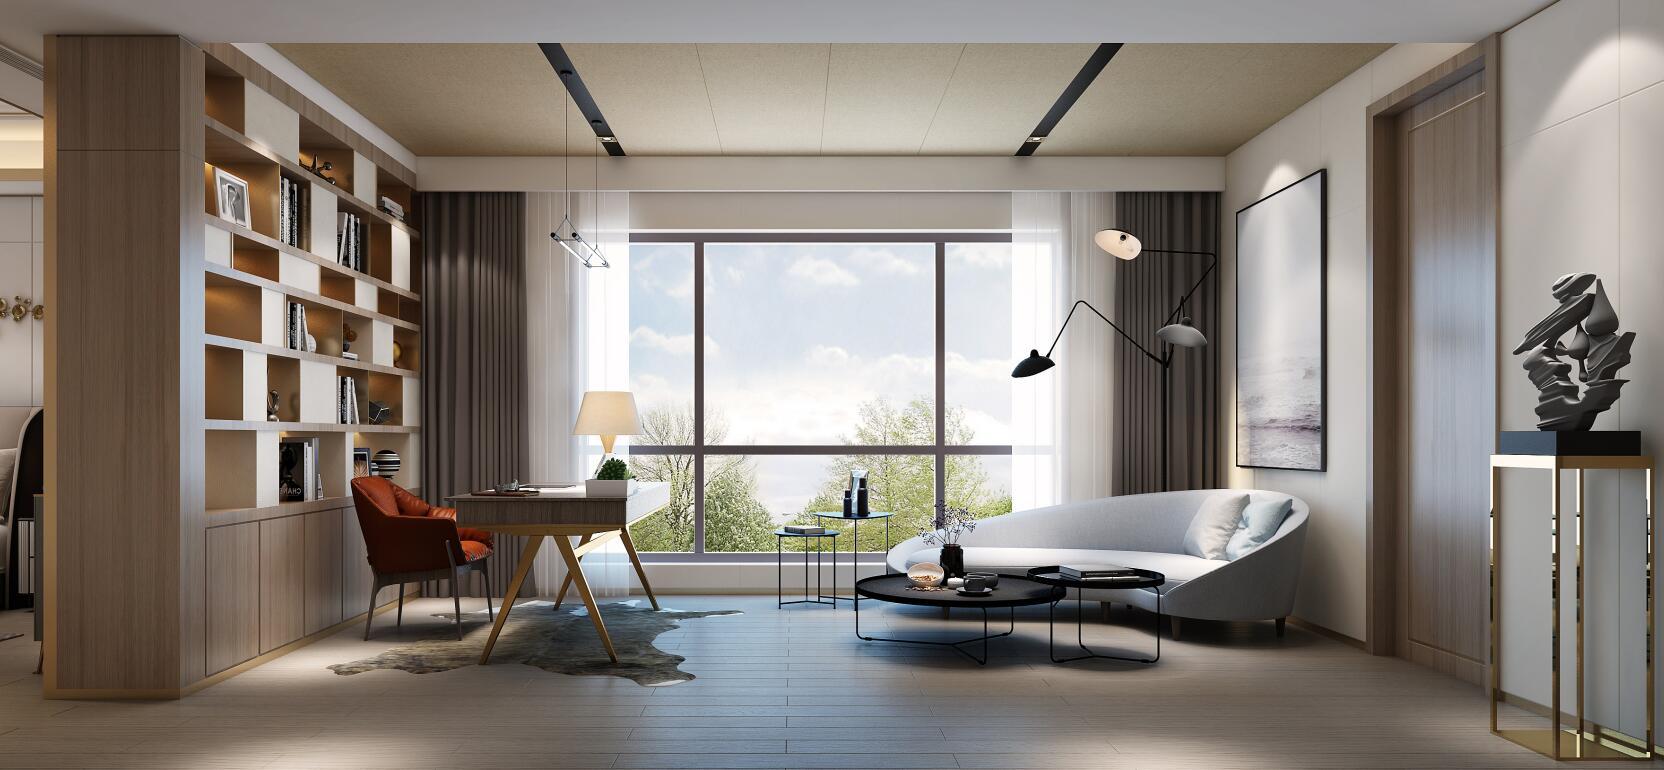 原木门,原木护墙,原木楼梯,原木衣帽间等家居个性化定制,帮助客户打造高品质整体居家空间。